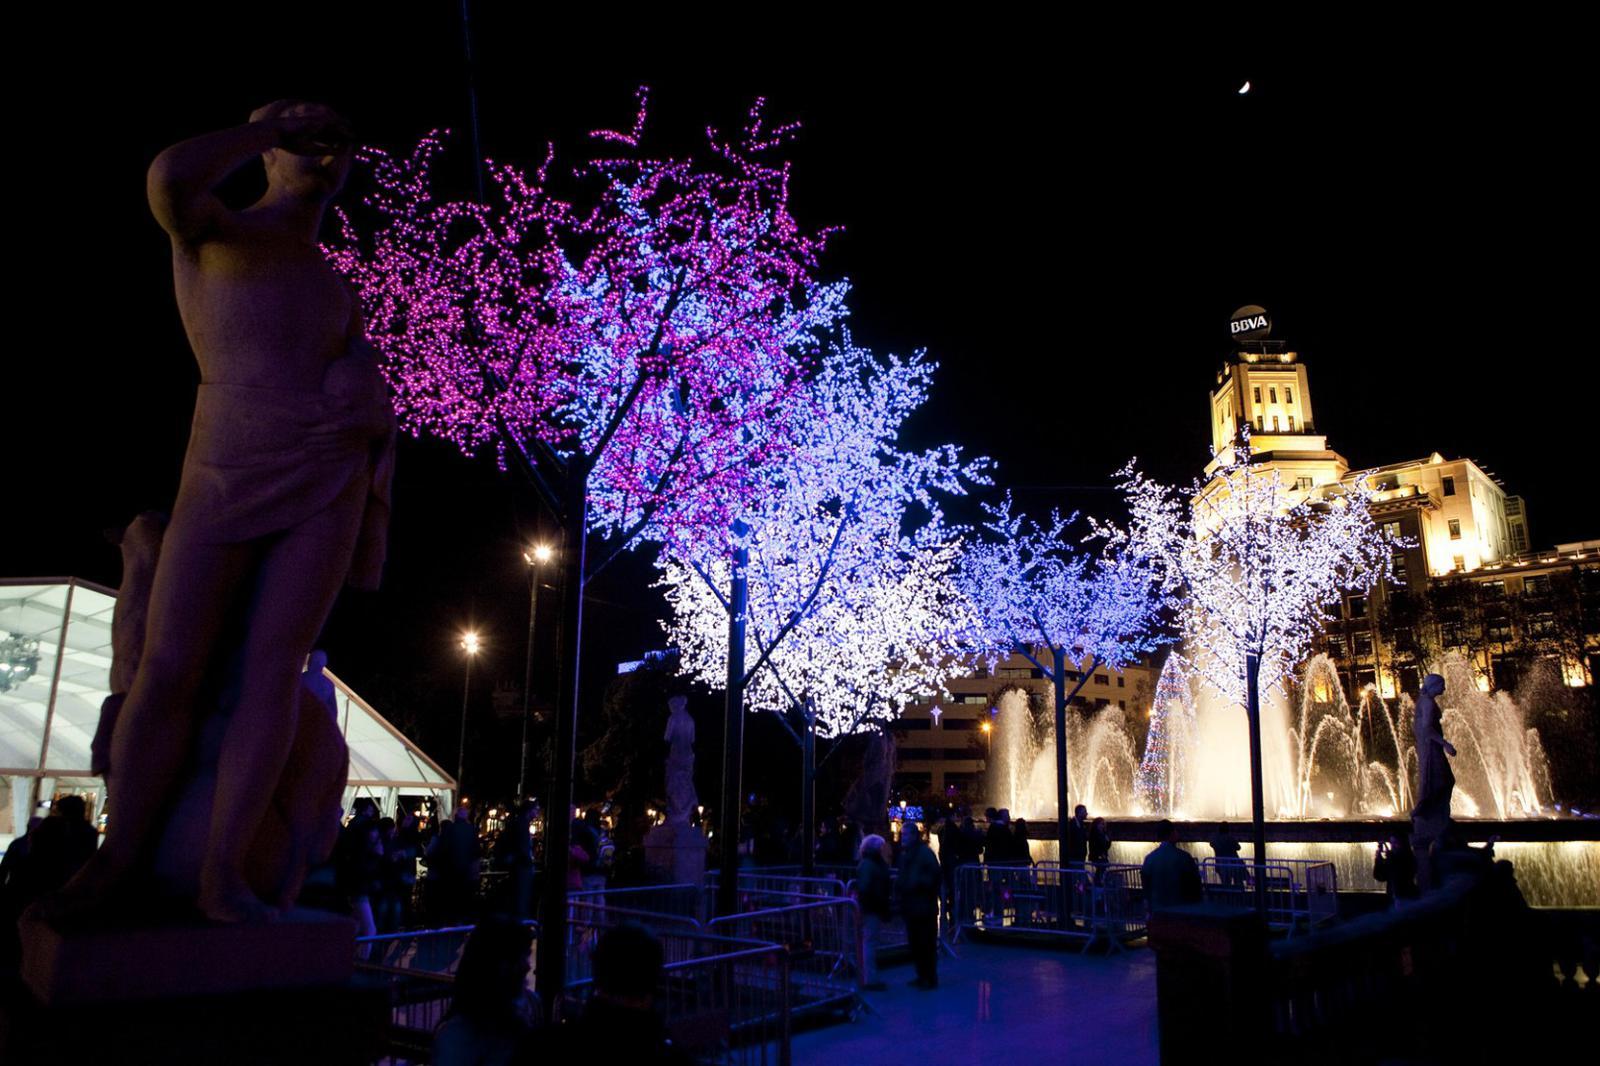 Luces de navidad en Barcelona-Foto: Ajuntament de Barcelona